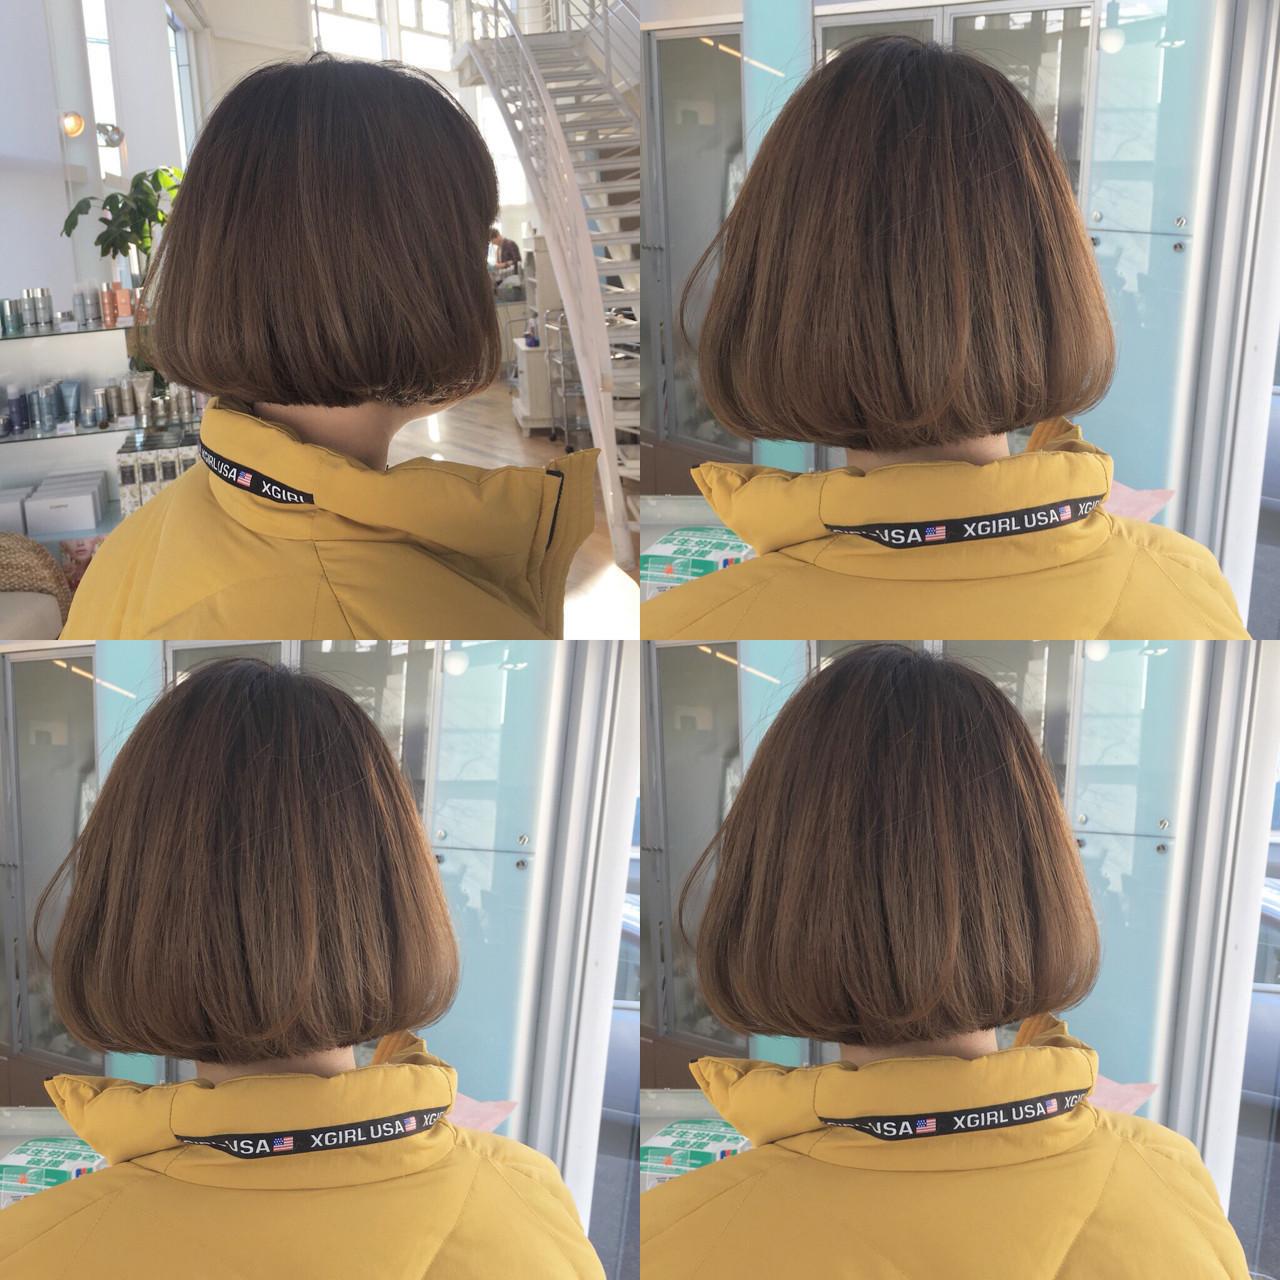 髪型 ロング ストレート 後ろ姿